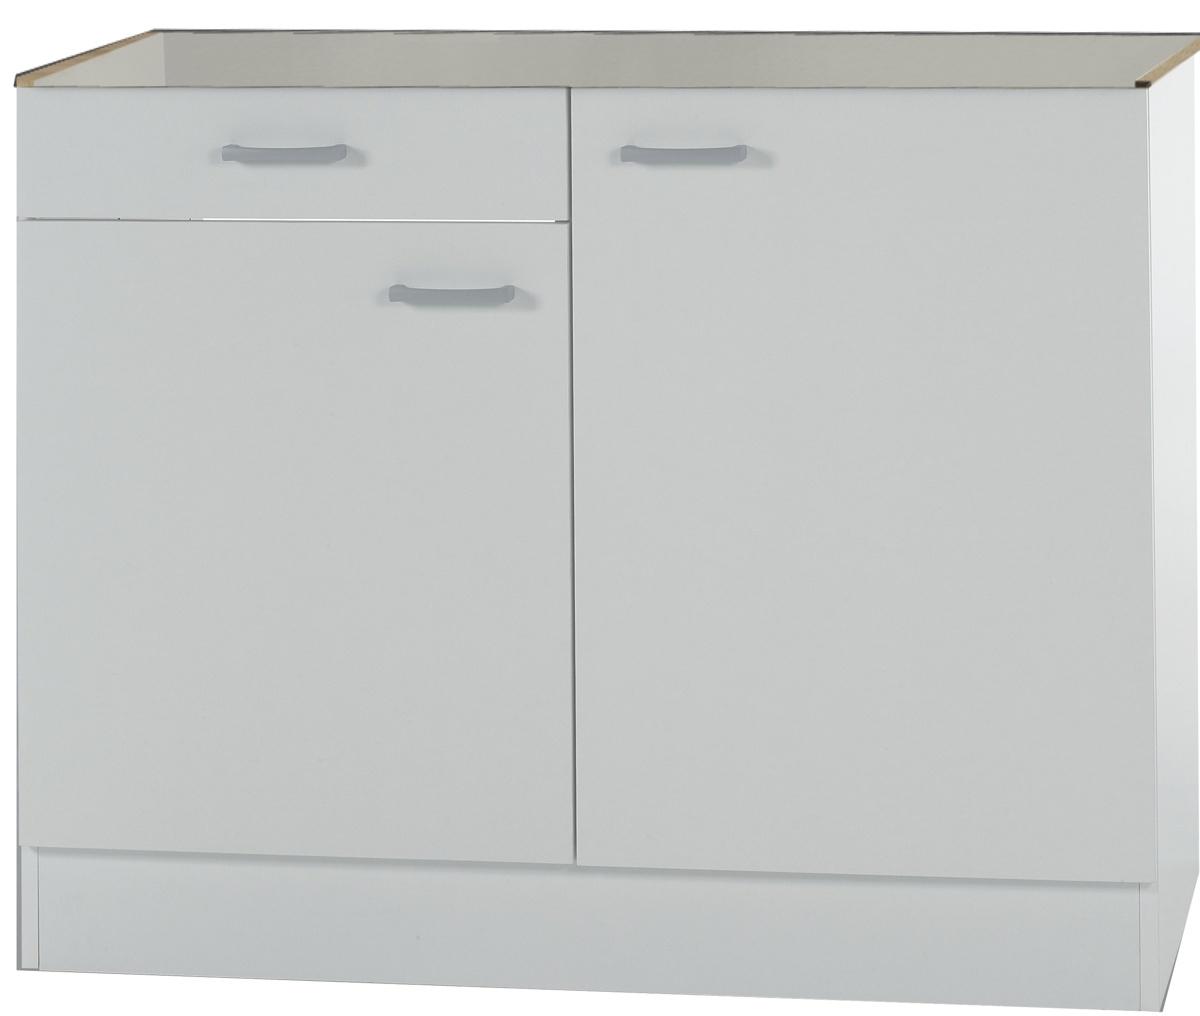 KLASSIK60 Spülenschrank 100cm Breit mit Schublade Weiß SPLSO106 ...